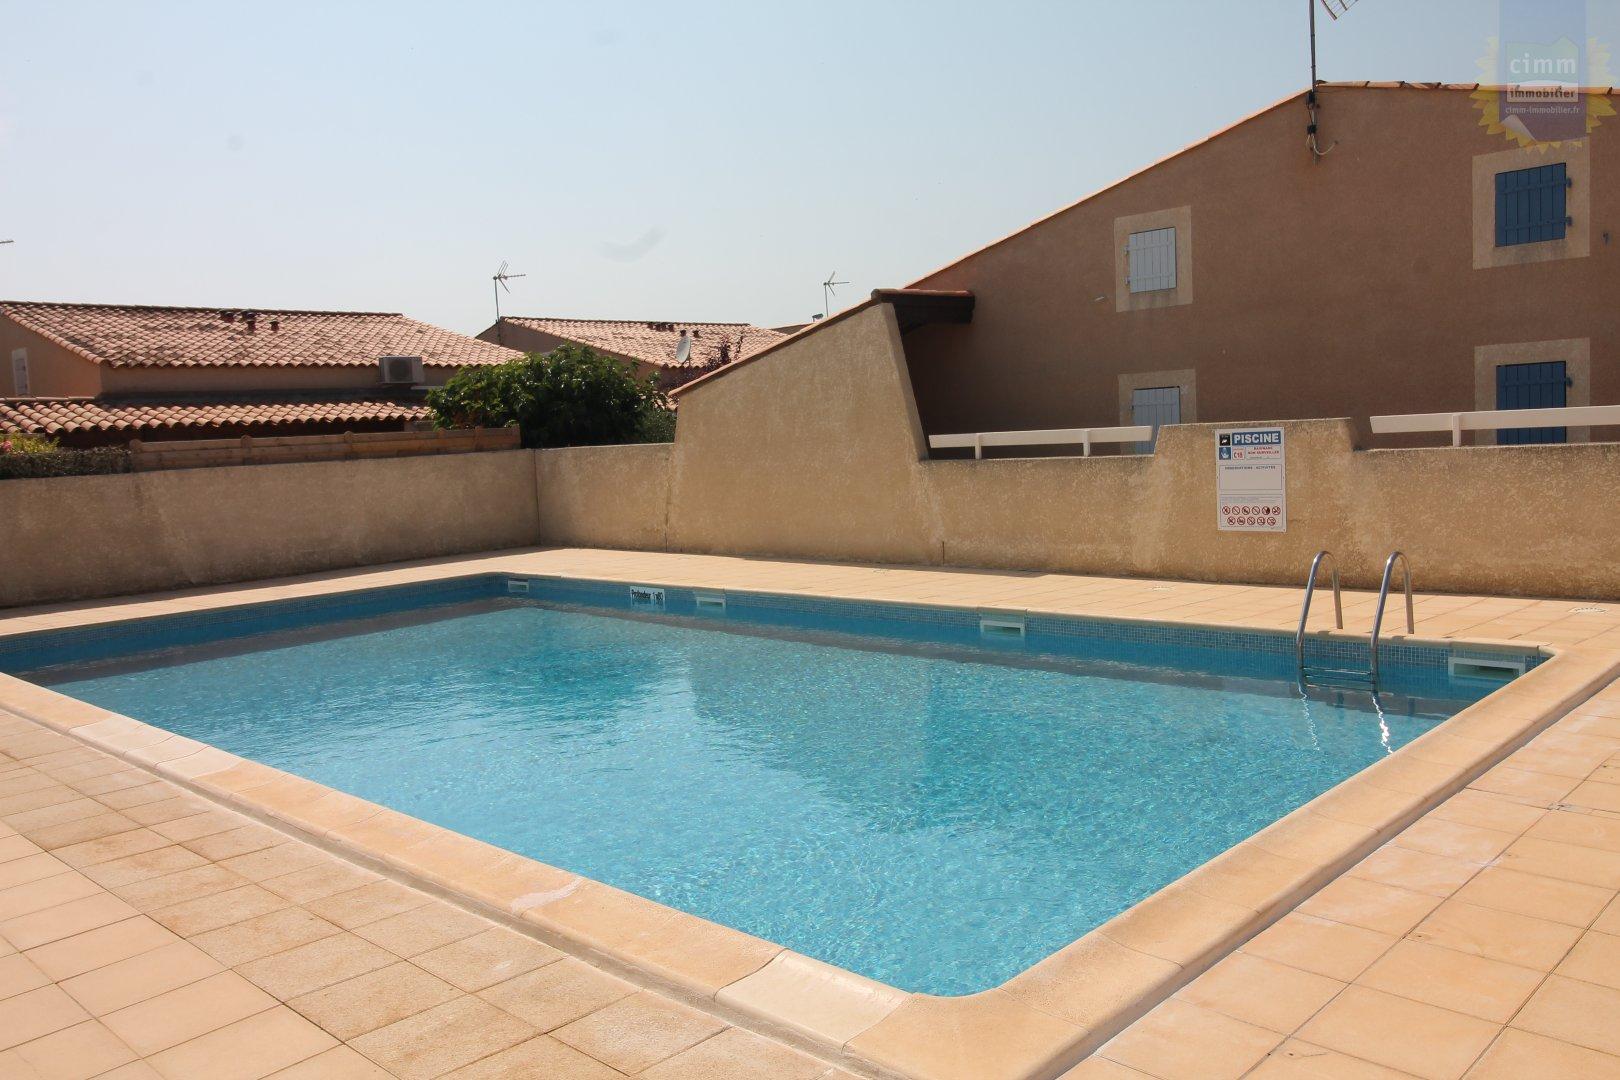 IMMOPLAGE VALRAS-PLAGE, agence immobilière, vente, location et location vacances appartement et maison entre Agde/Sete et Narbonne, proche Béziers - Maison - VALRAS PLAGE - Location Vacances - 30m²